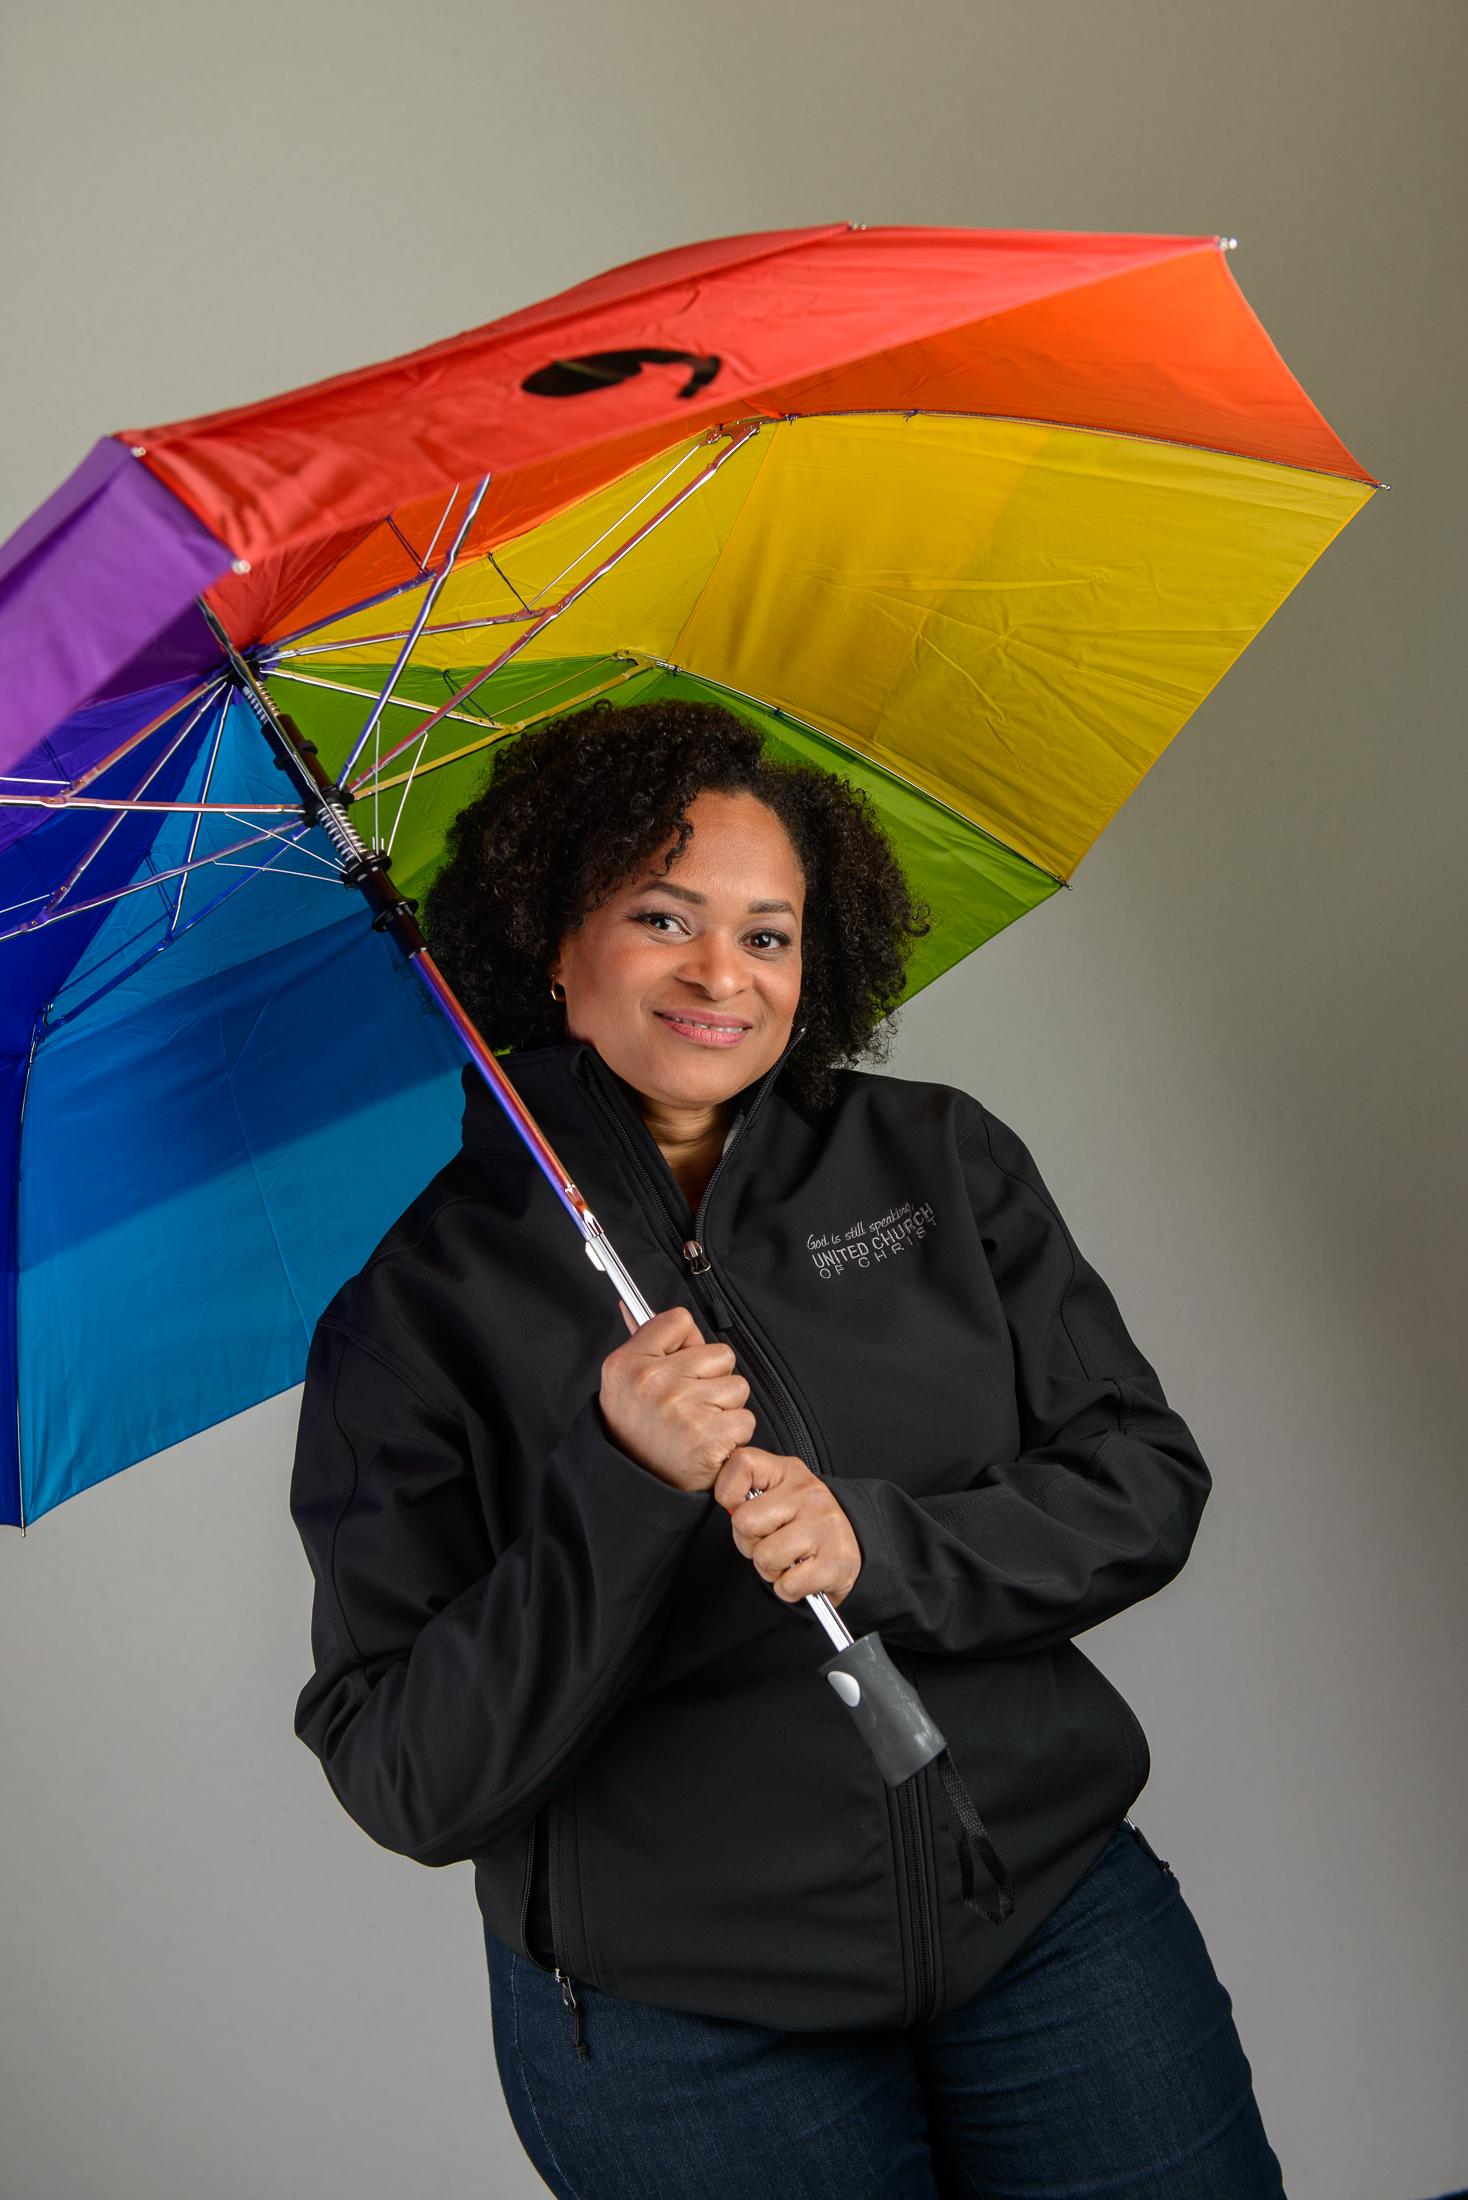 Love the umbrella!